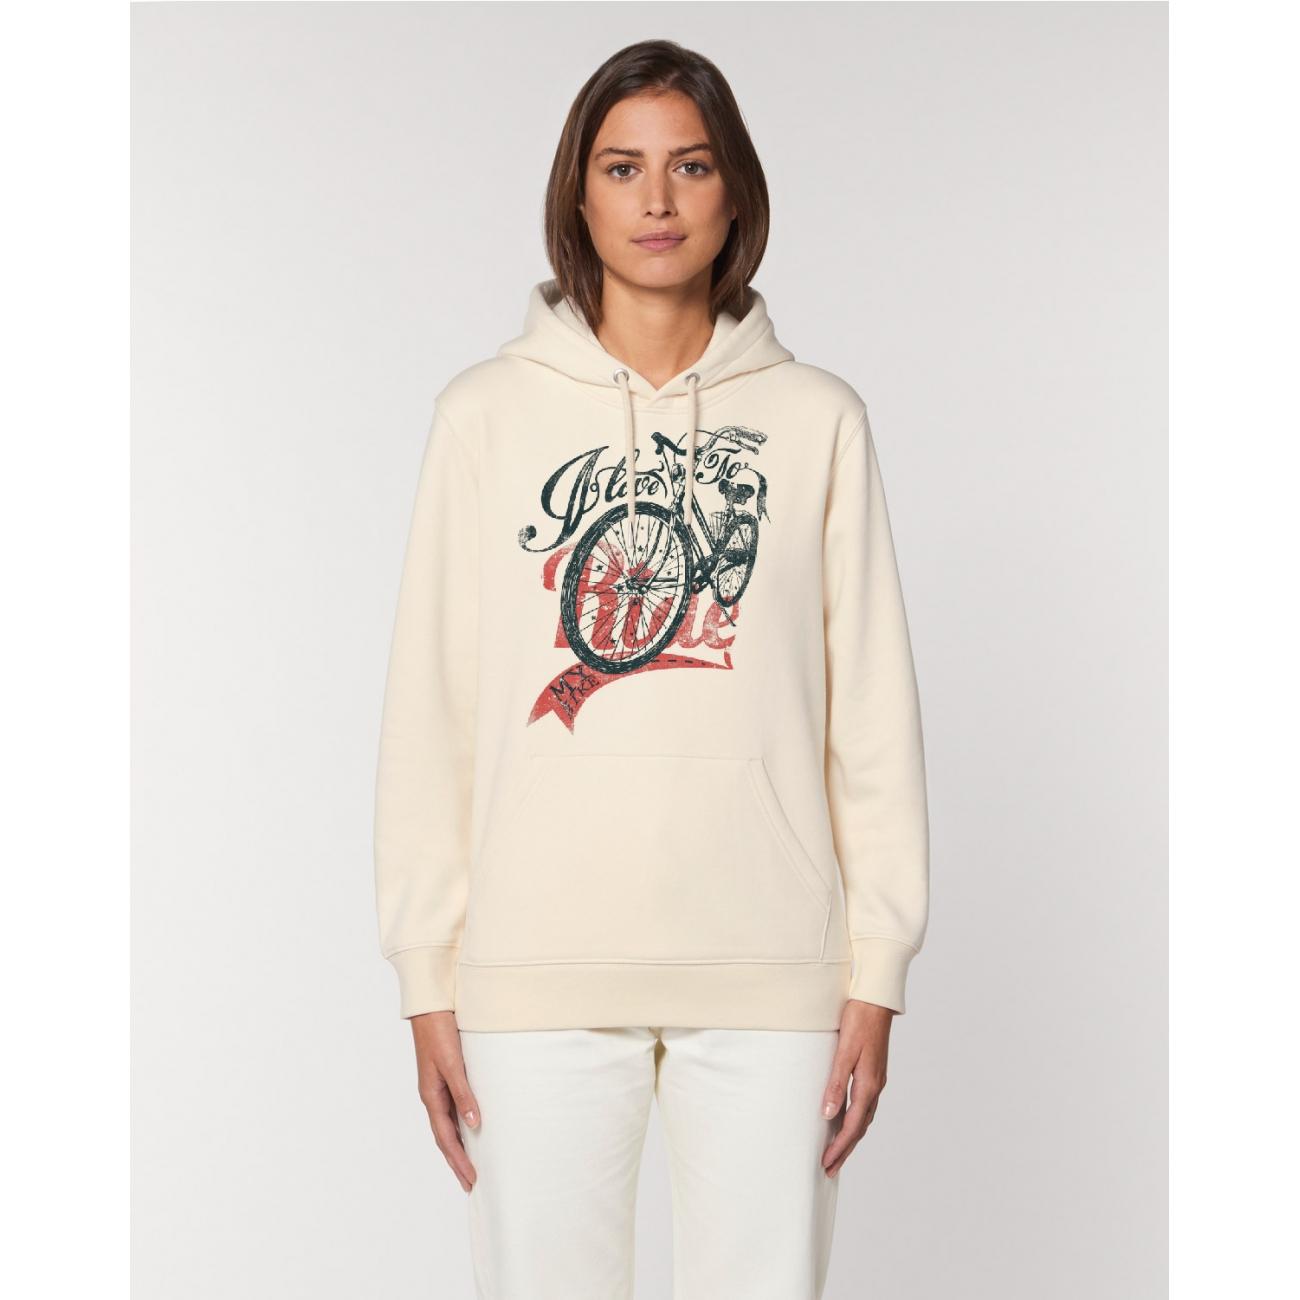 https://tee-shirt-bio.com/10035-thickbox_default/sweat-capuche-femme-coton-bio-couleur-naturelle-du-coton-sans-teinture-impression-velo.jpg